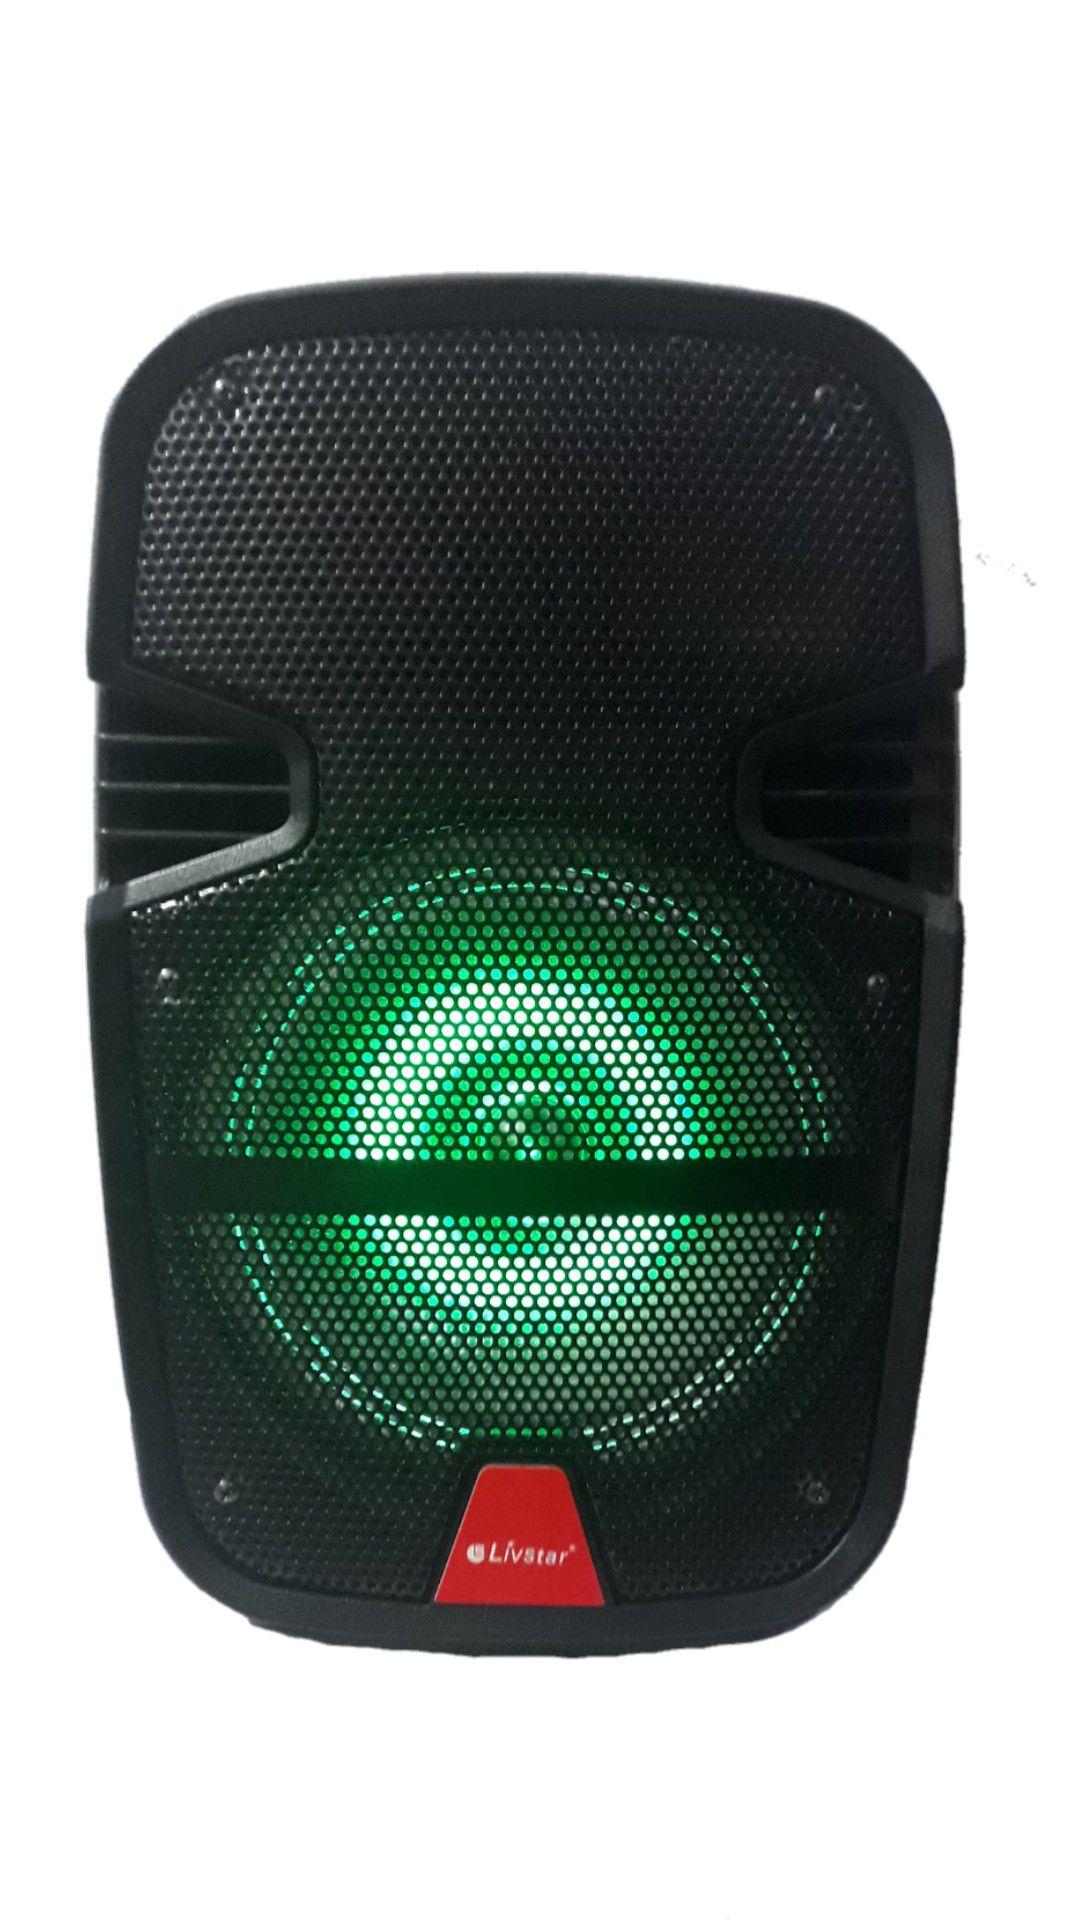 CAIXA.AMPLIFICADA LIVSTAR CNN8058TS FAL8 ECO USB/SD/FM AUX P10 DISPLAY BAT RECAR